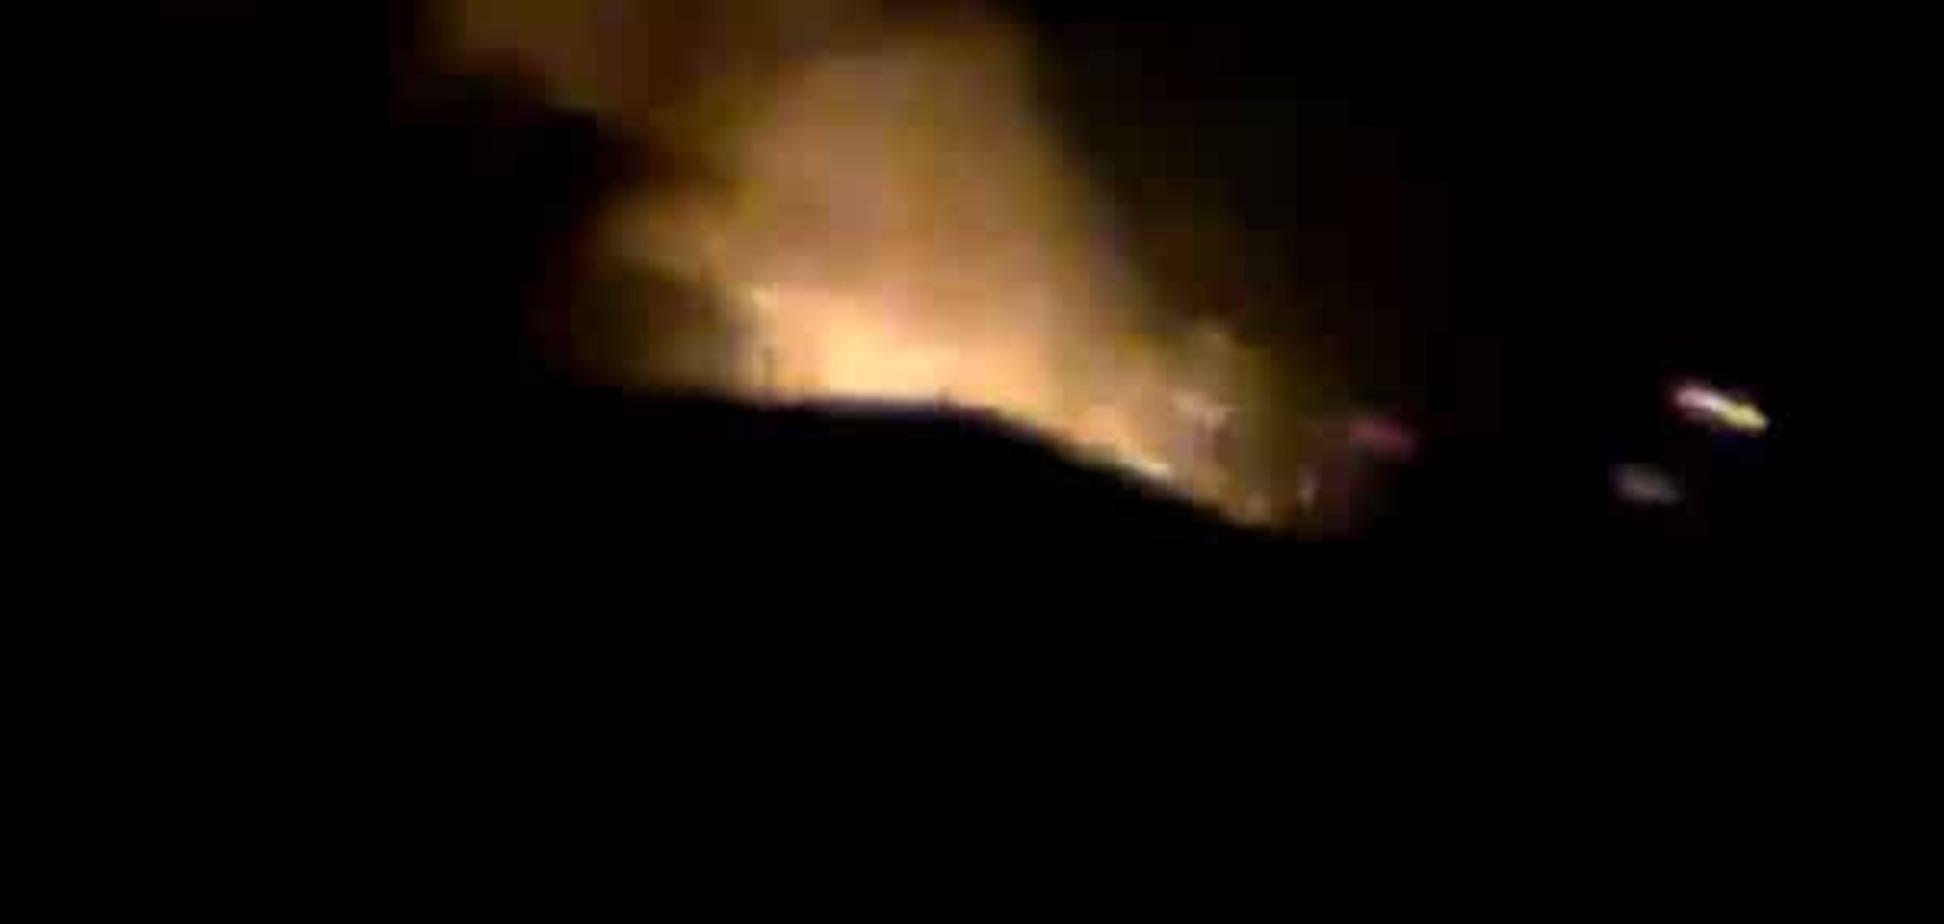 'Было светло, как днем': стали известны подробности пожара в Сватово